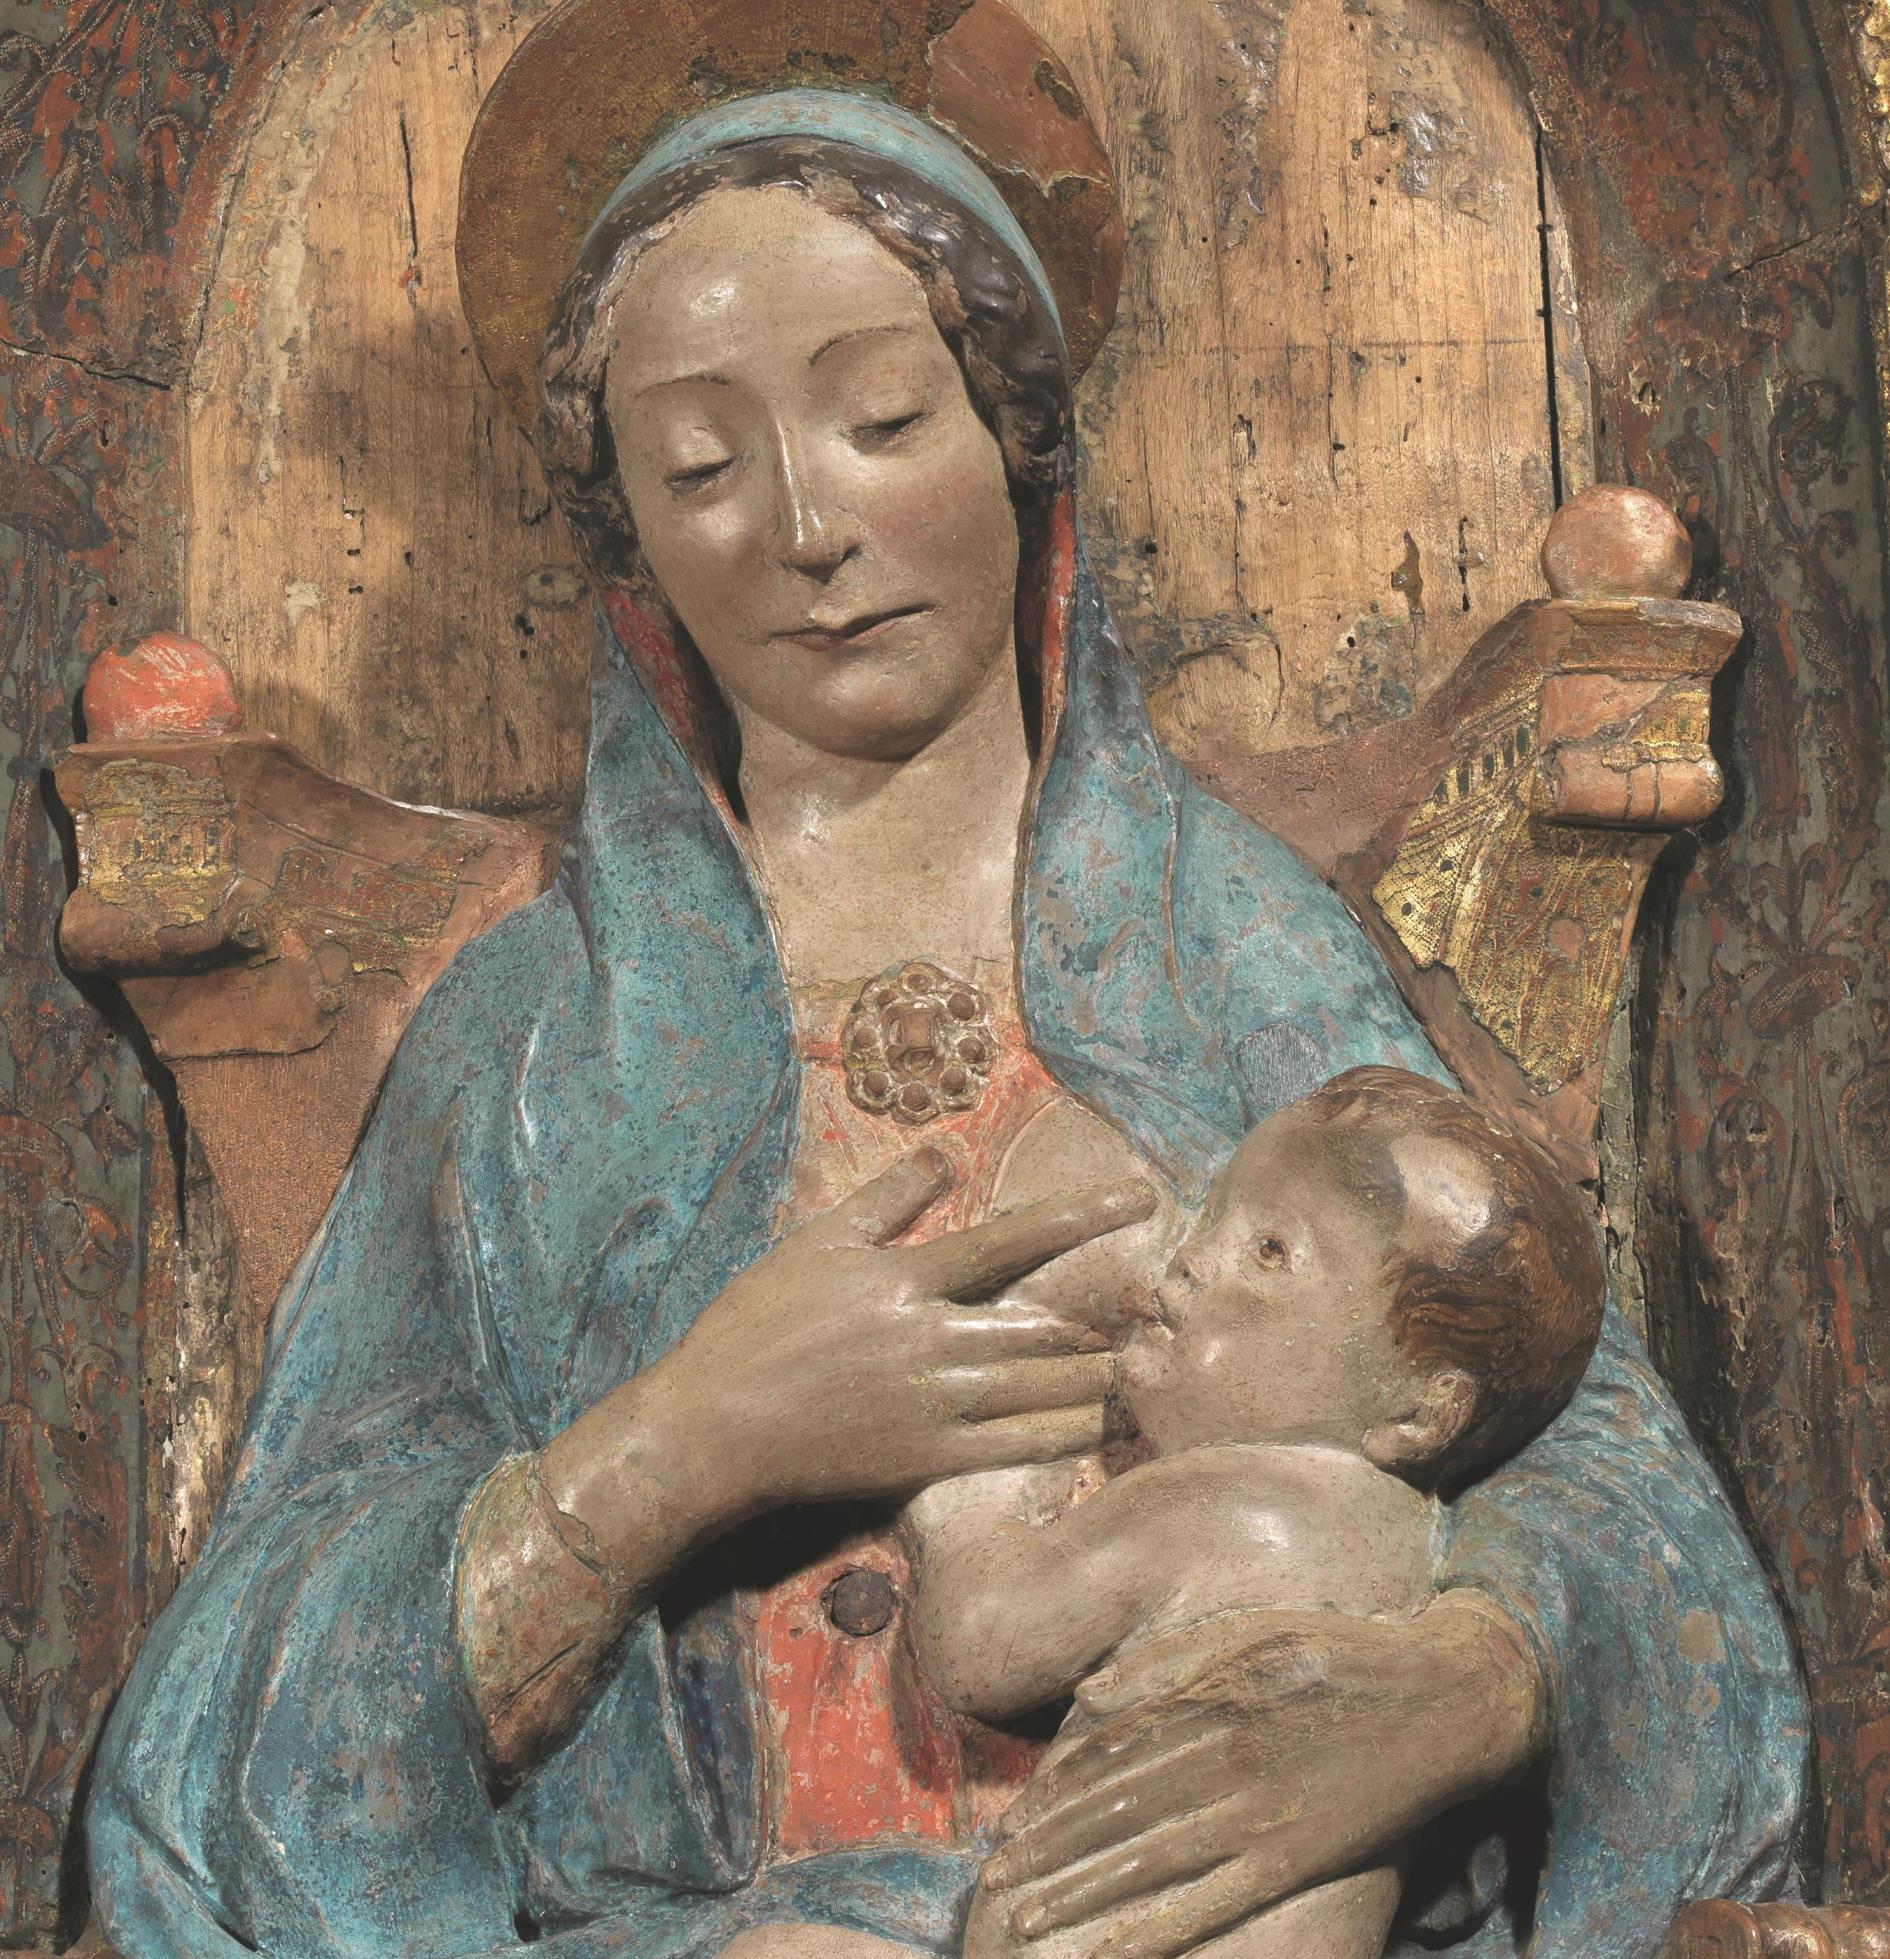 Polifemo Grande Scultura Legno Applique Arte Siciliana Artigianato Vintage Rare Big Clearance Sale Arte E Antiquariato